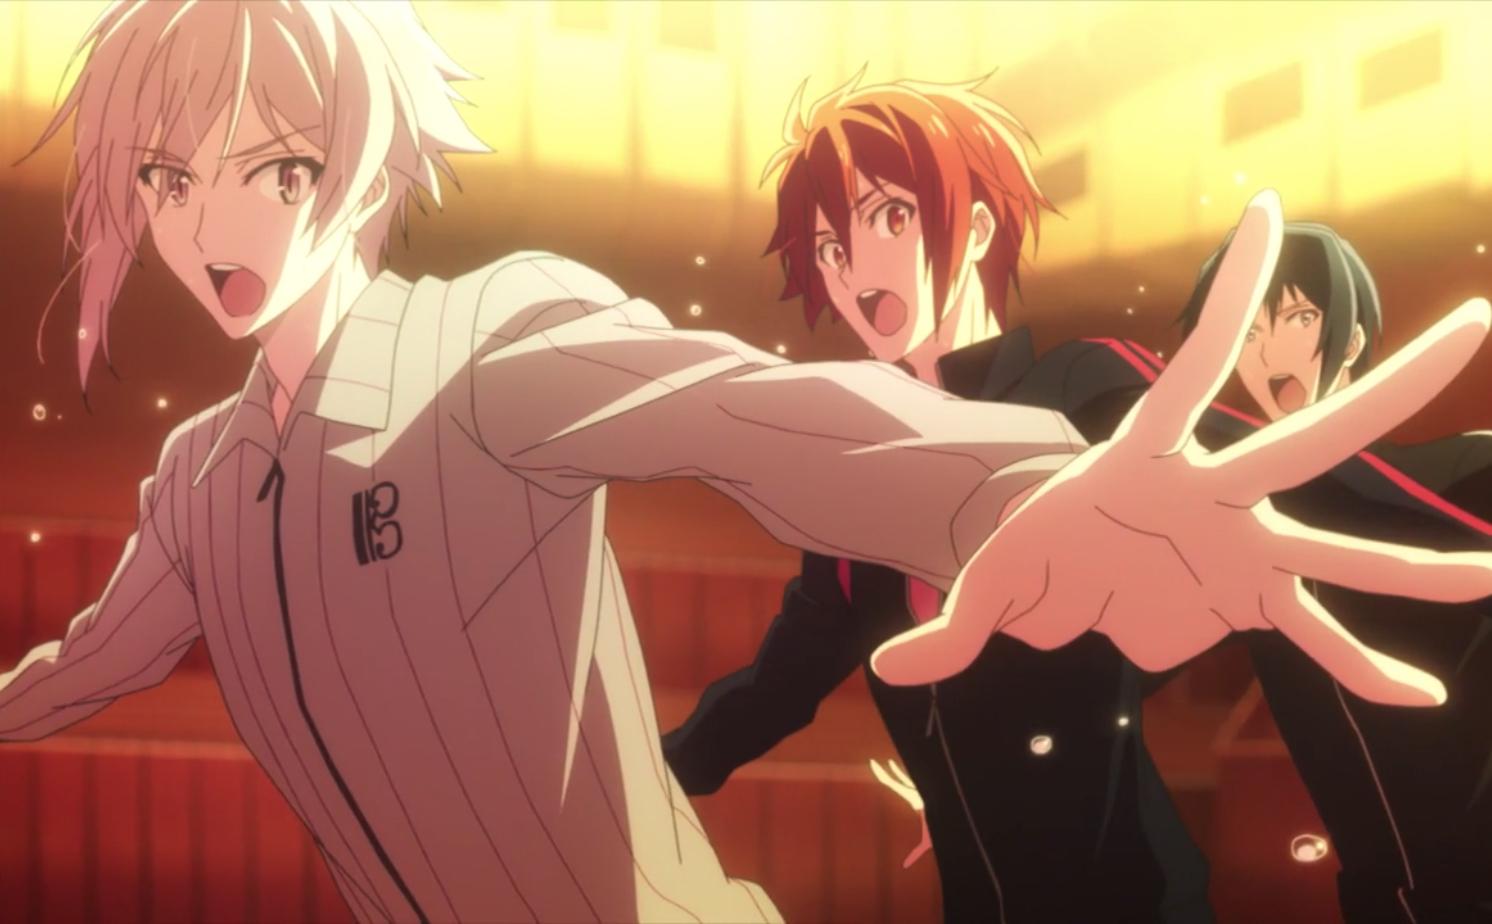 TVアニメ「アイドリッシュセブン Second BEAT!」第9話「大切なもの」感想 TRIGGER先輩かっこよすぎた…